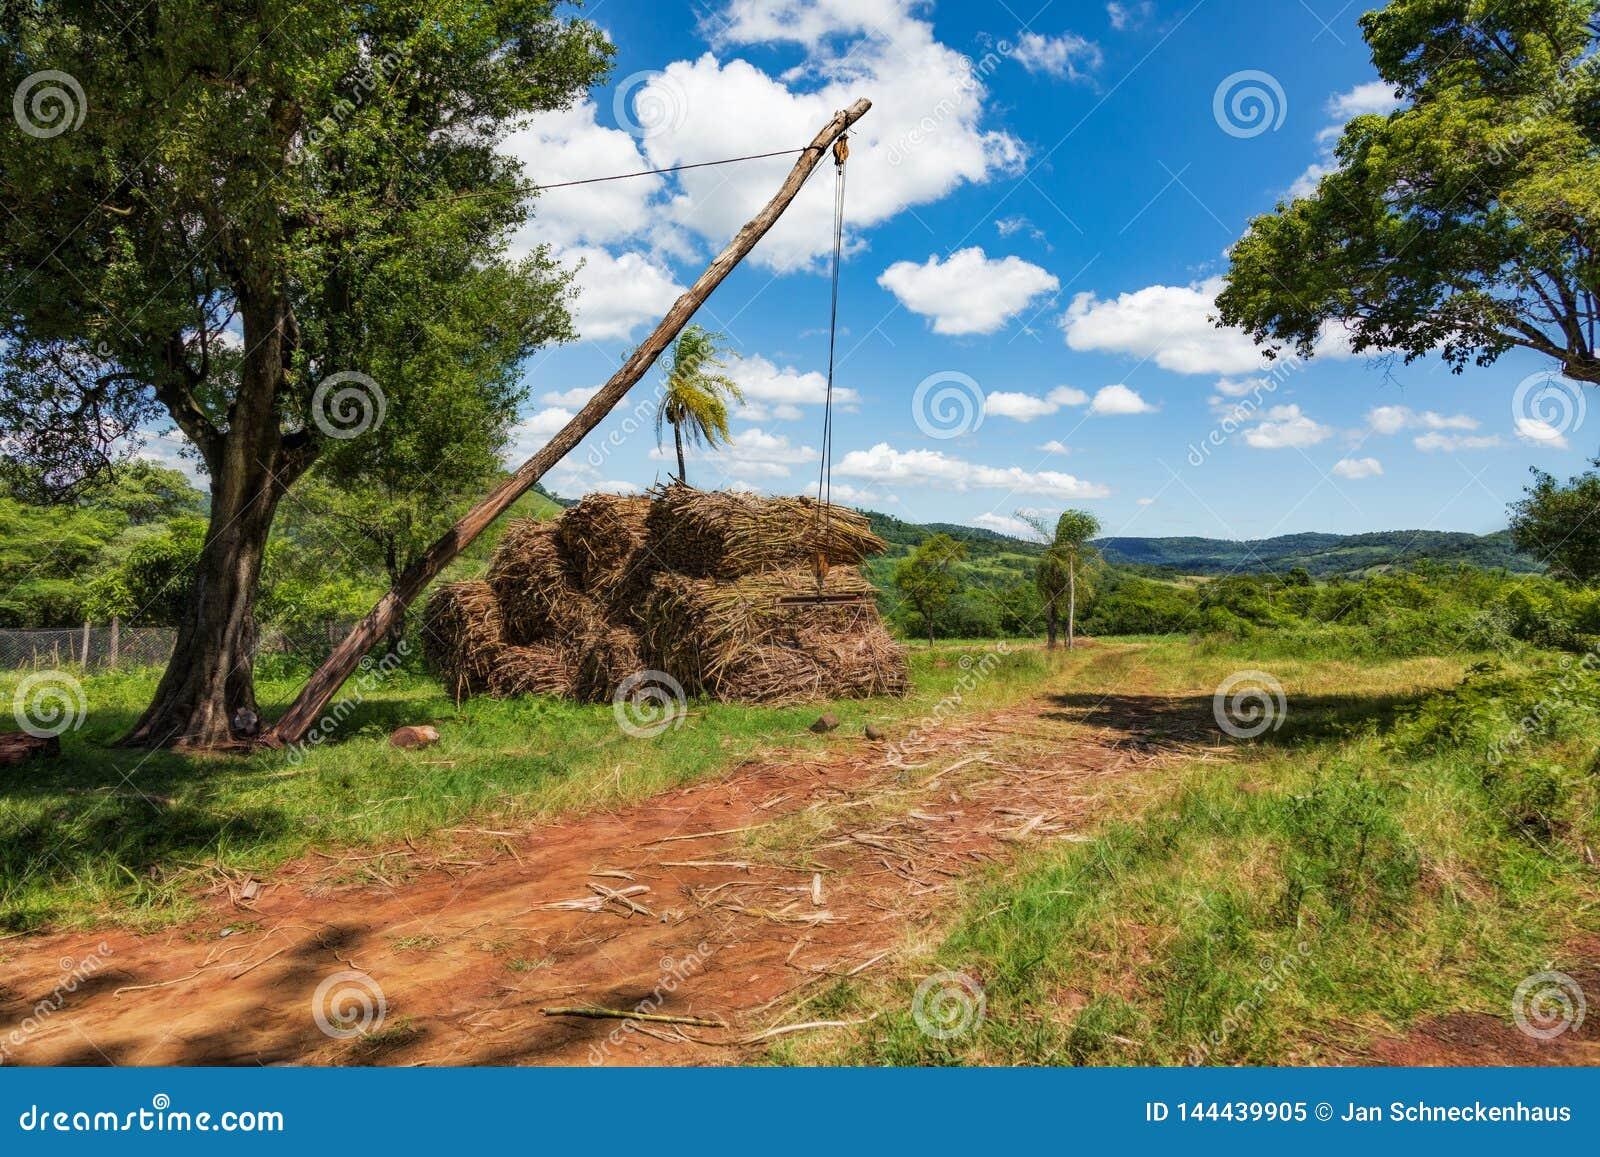 Enkel kranapparat för att ladda sockerröret på lastbilar i Paraguay